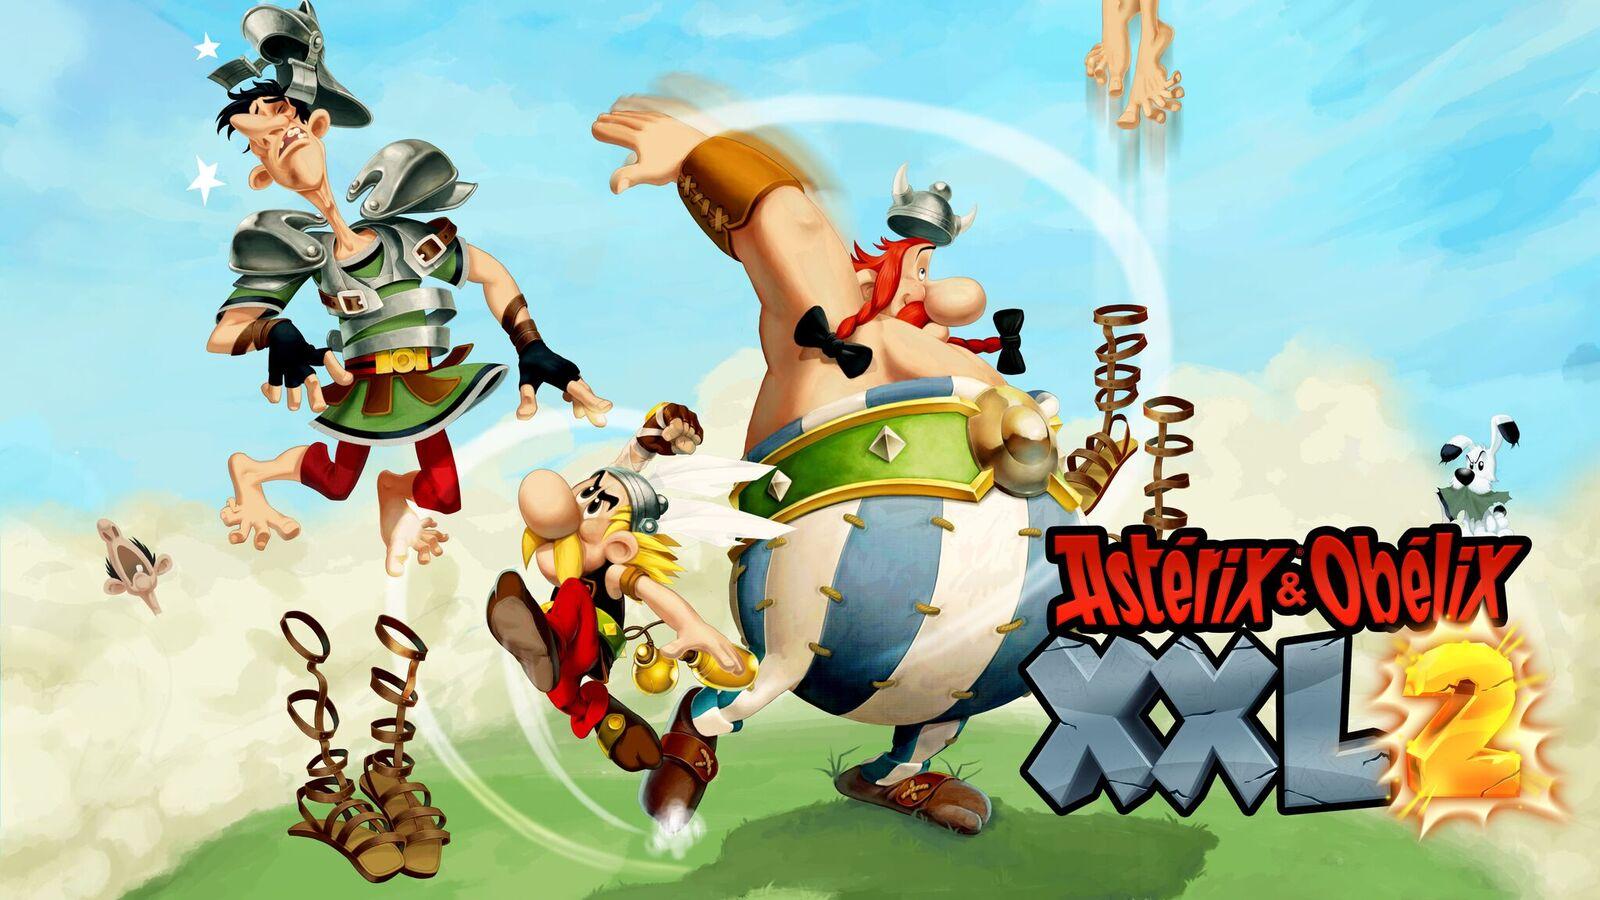 Asterix & Obelix XXL2 vychází